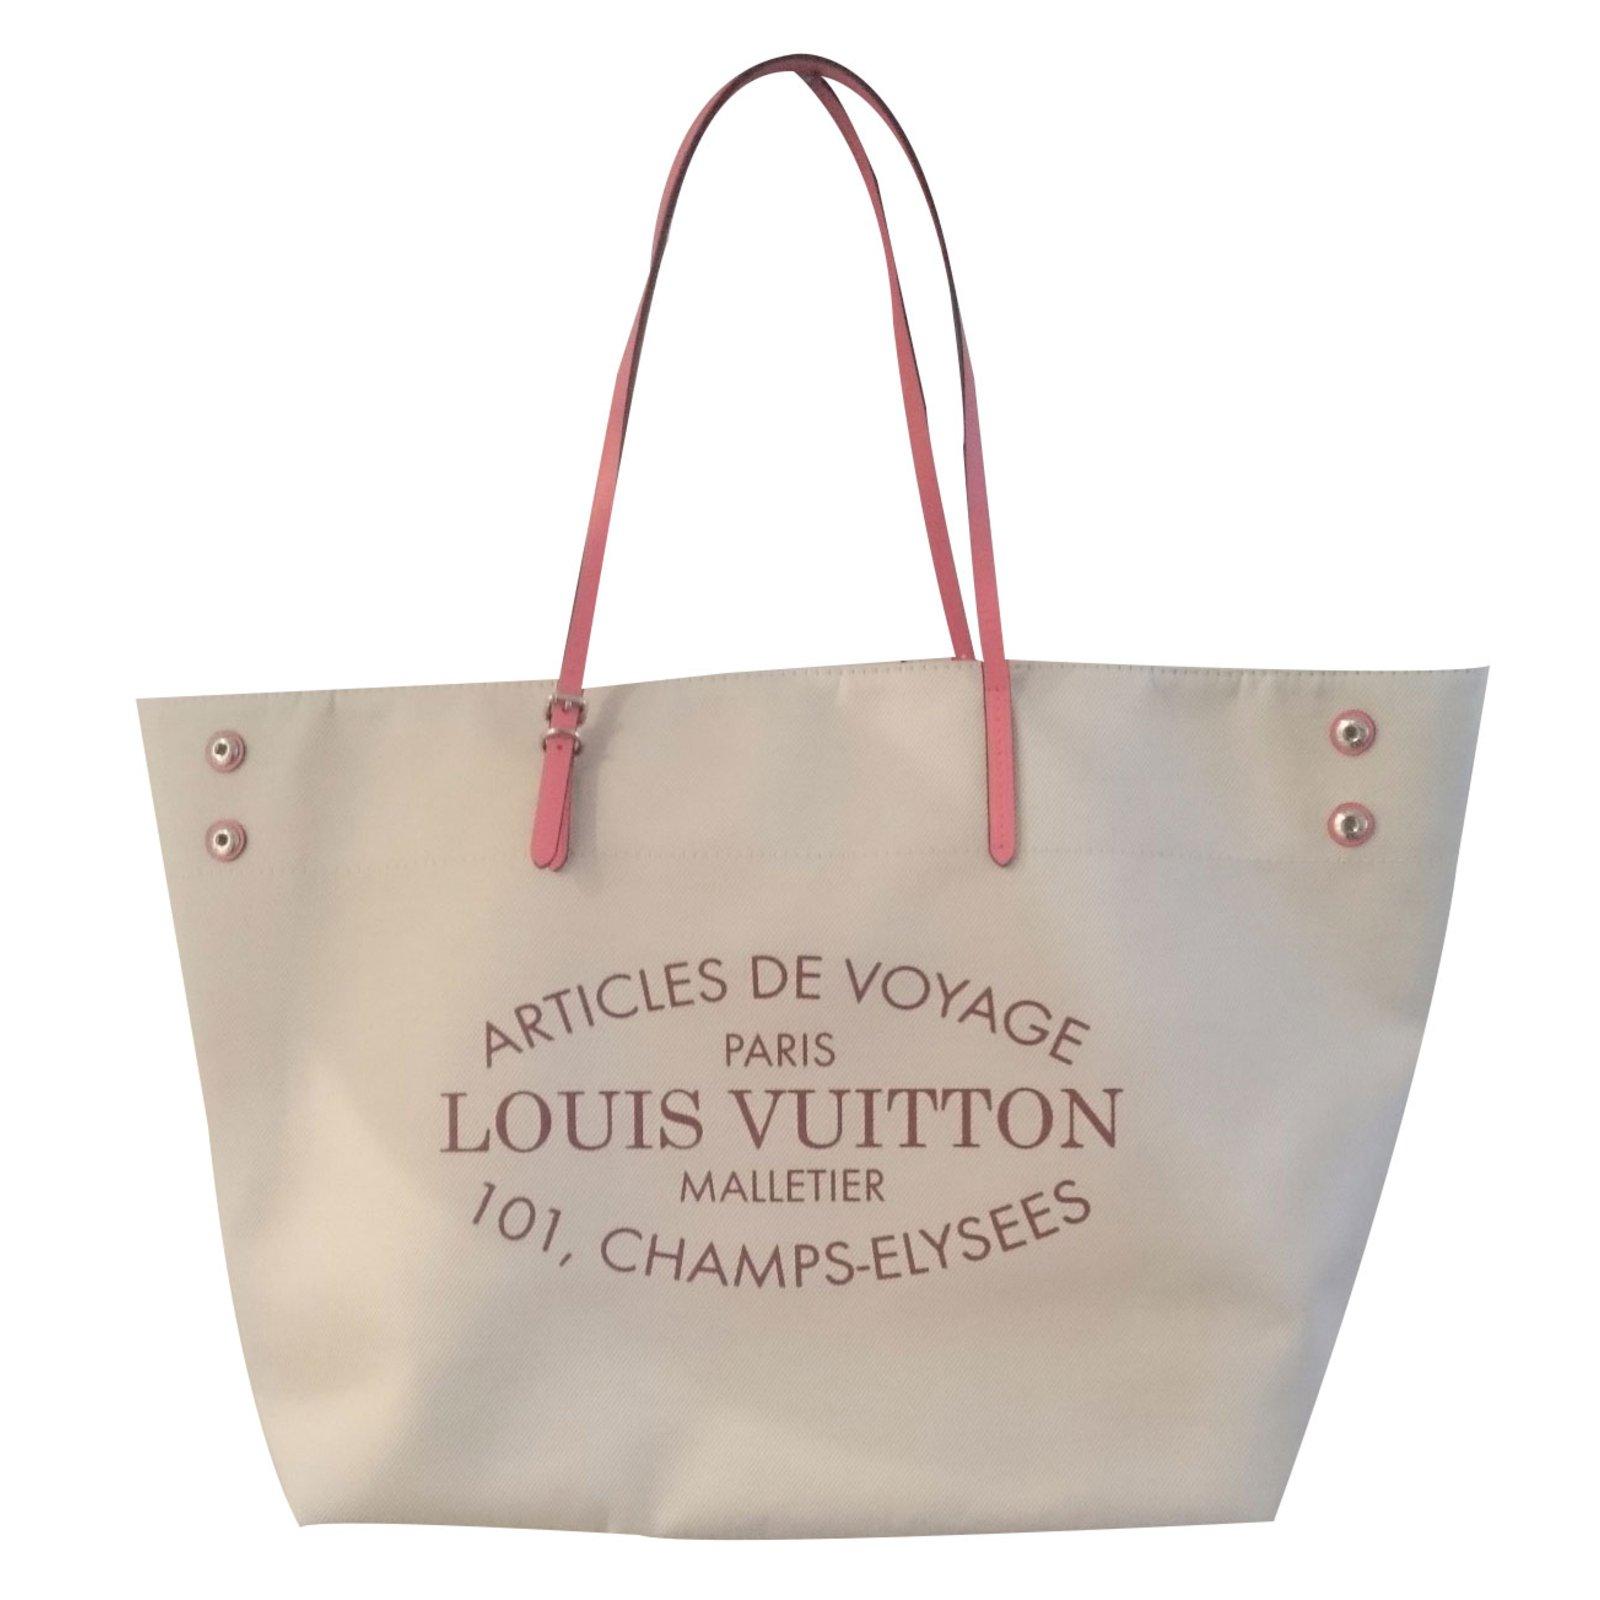 a613234d3282 Louis Vuitton Tote bag Totes Cotton Beige ref.19602 - Joli Closet